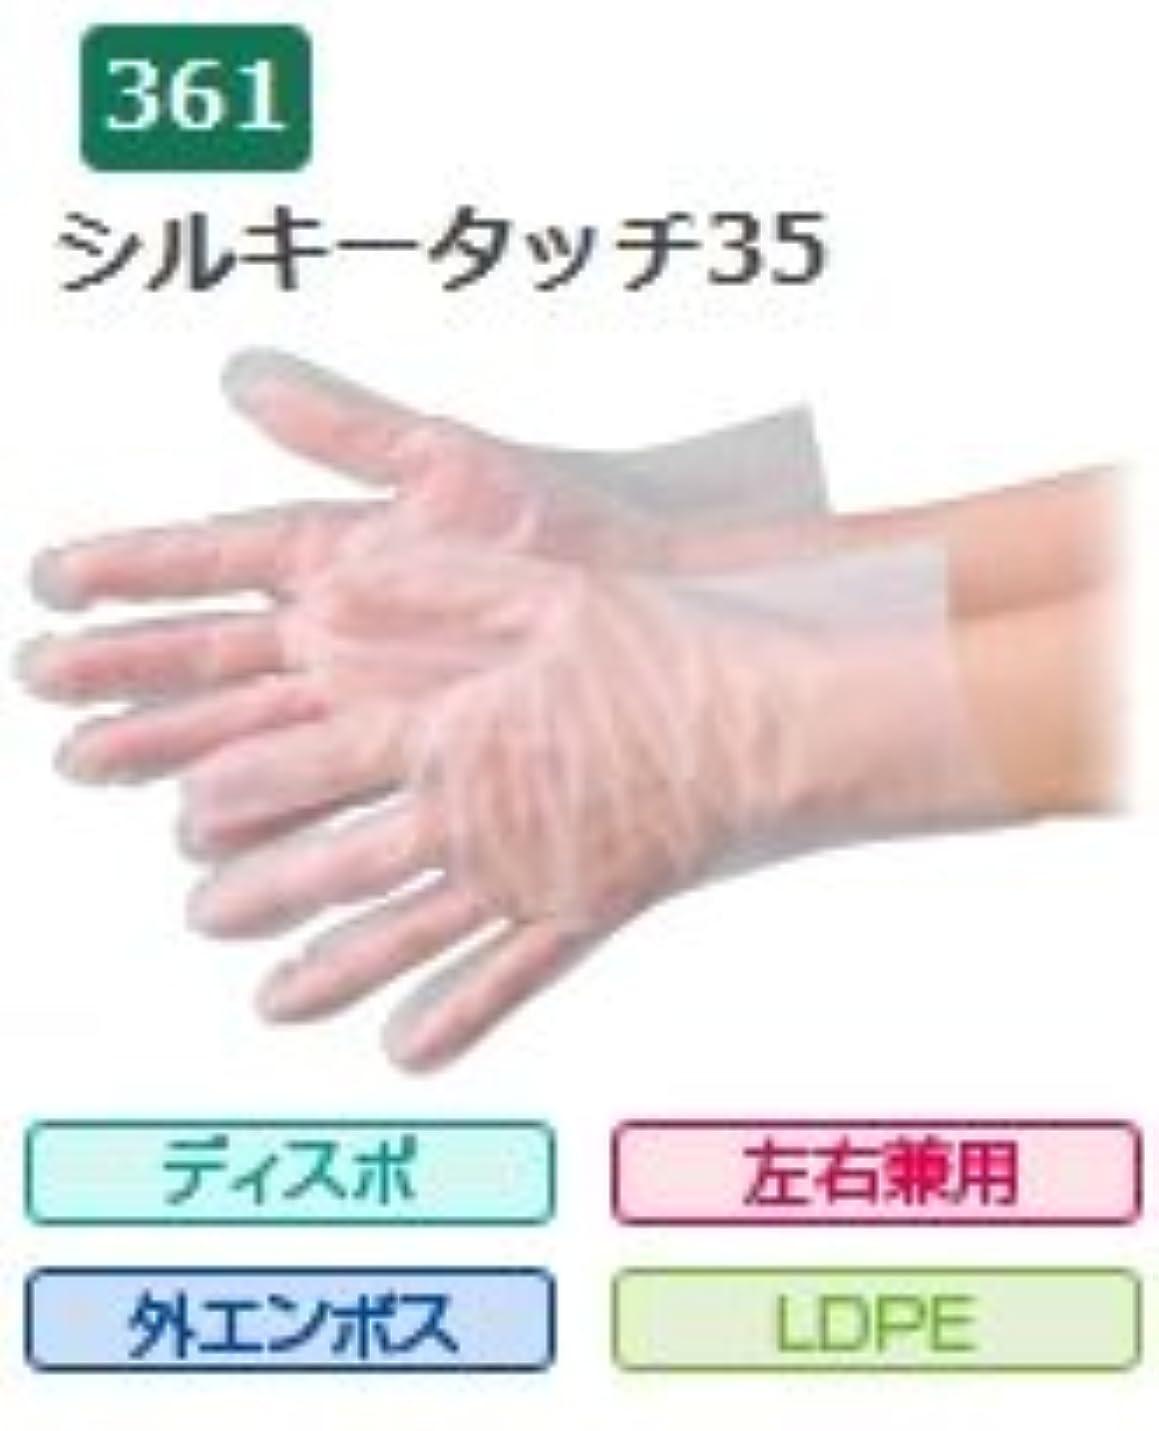 教え愛情深い薬用エブノ ポリエチレン手袋 No.361 L 半透明 (100枚×50箱) シルキータッチ35 箱入